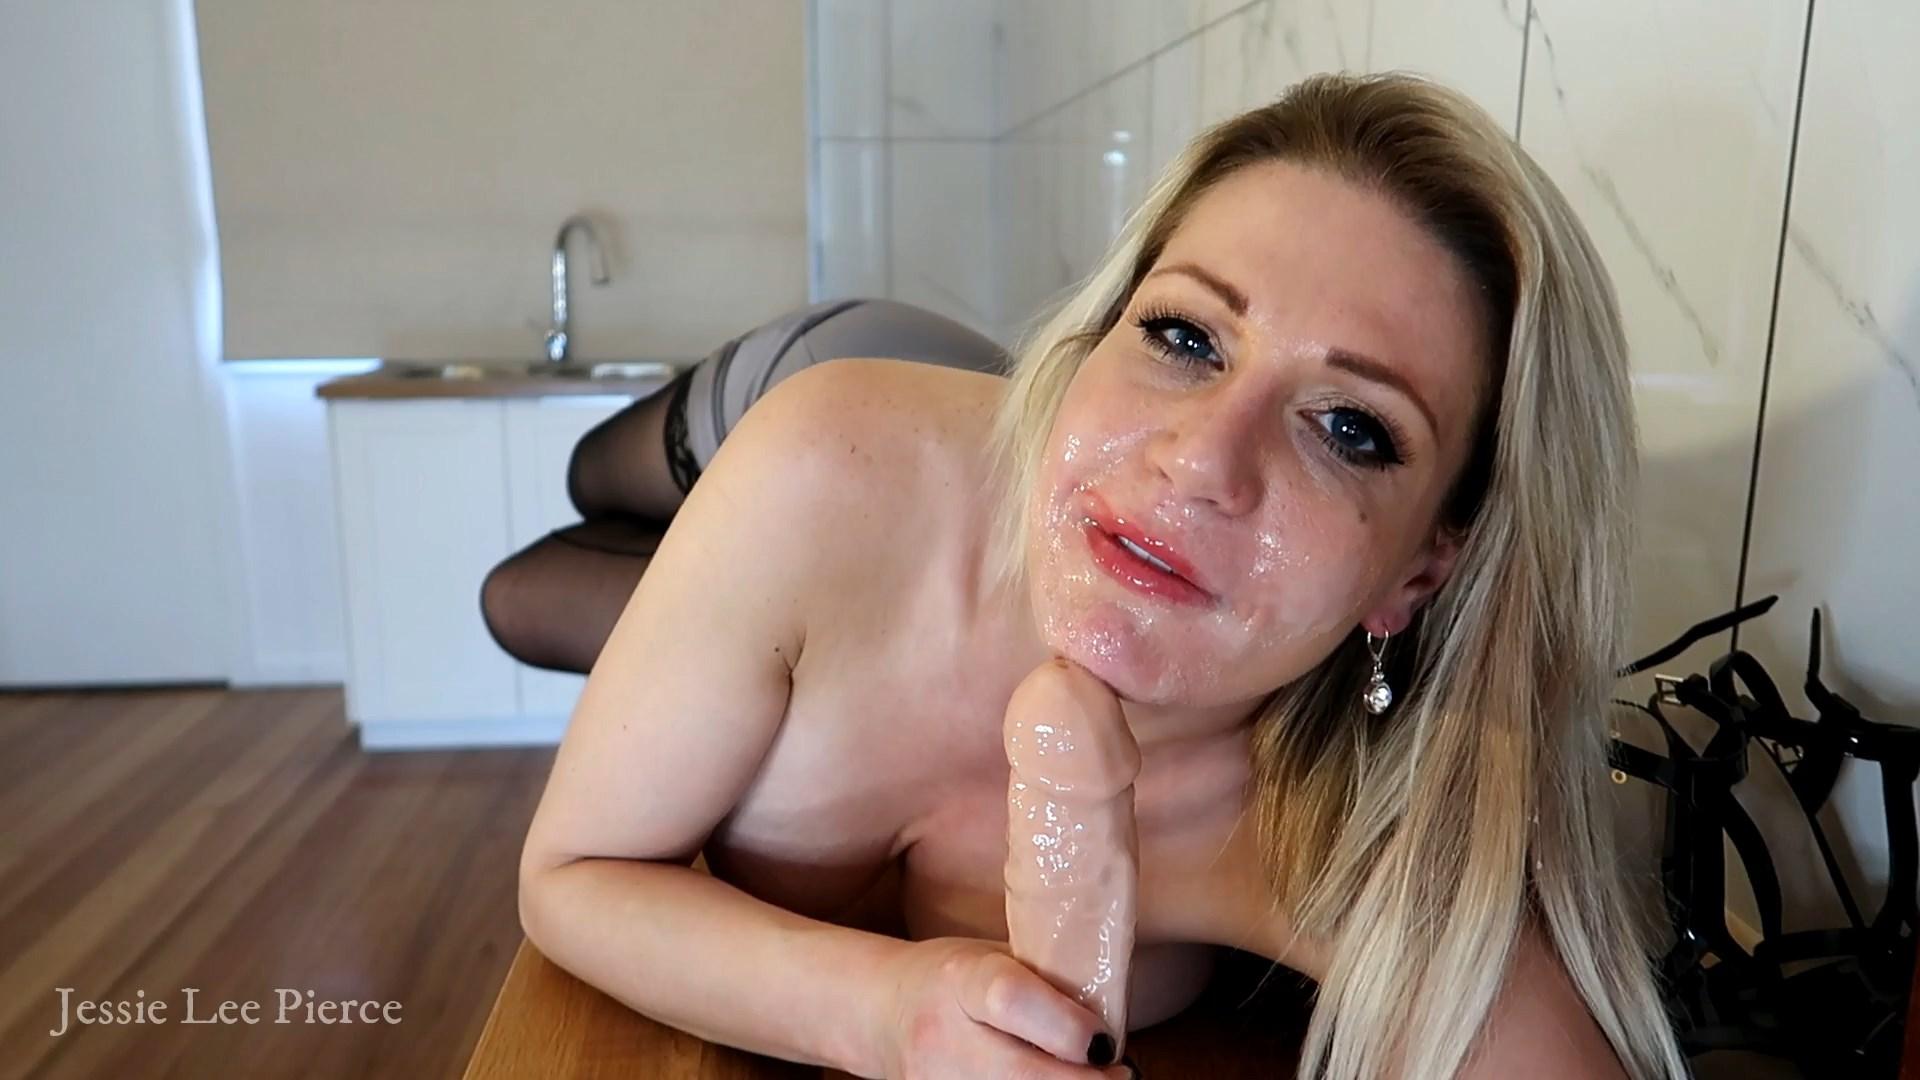 Jessie Lee Pierce - Gold Digger Stepmom 3 Double Cumshot